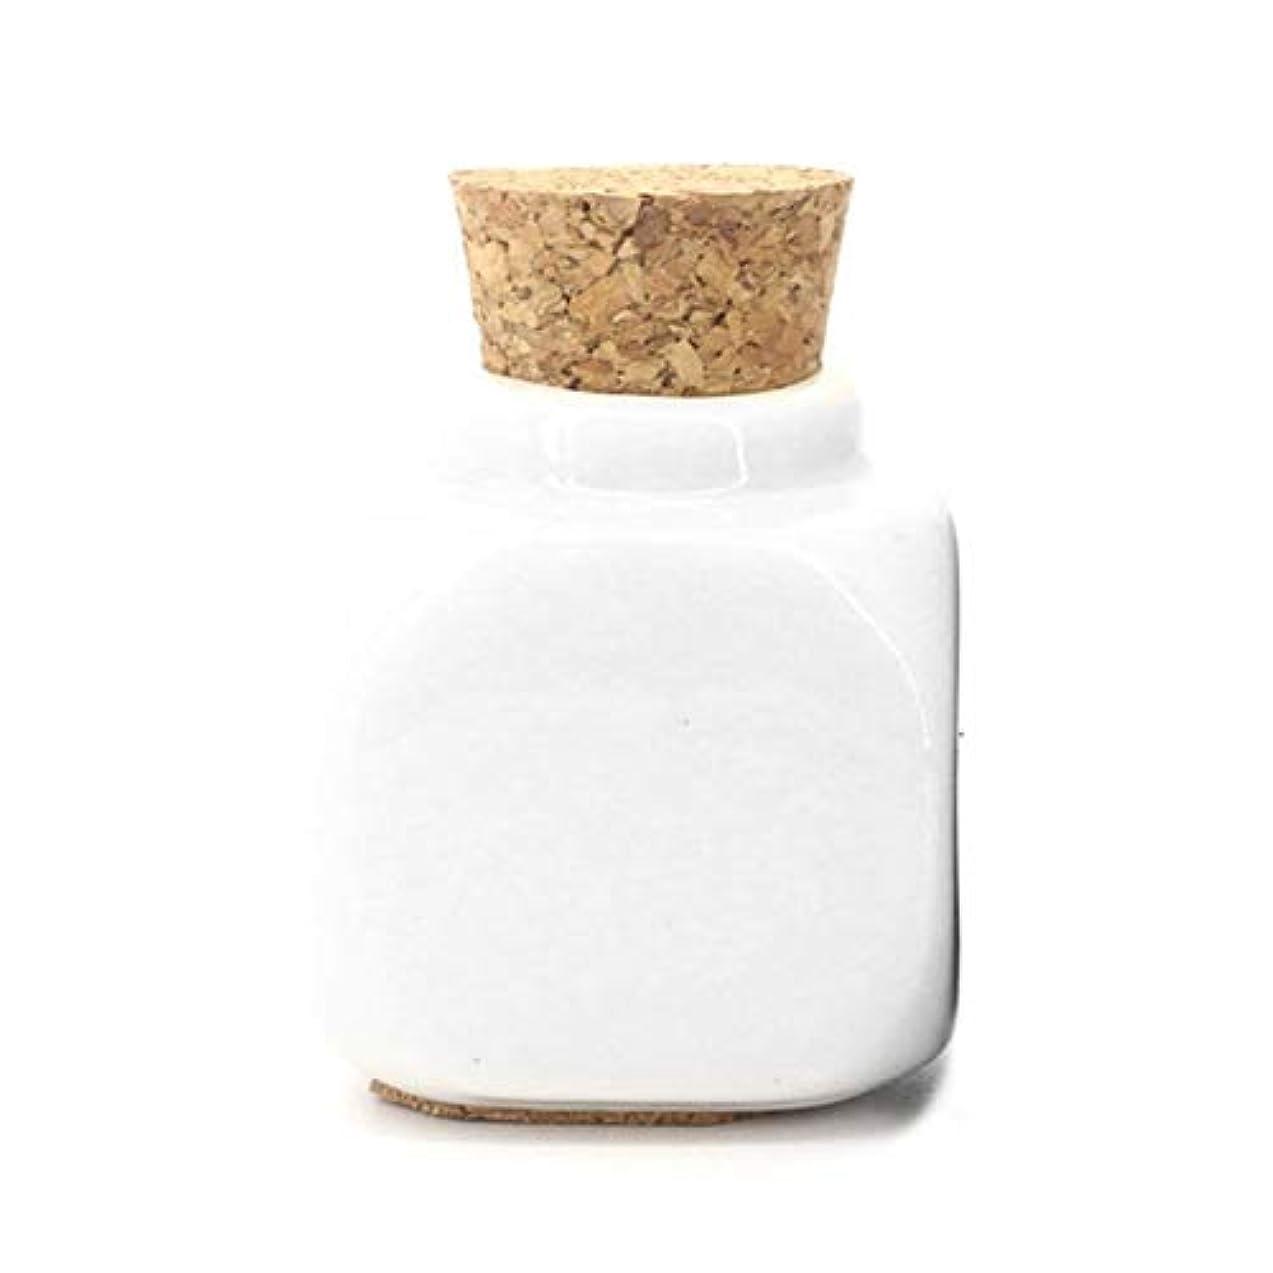 曇ったシプリー必要とする1ピースセラミックガラス液体ガラス粉末Dappen皿クリスタルガラスカップ用アクリルネイルアートアクセサリー - ホワイト